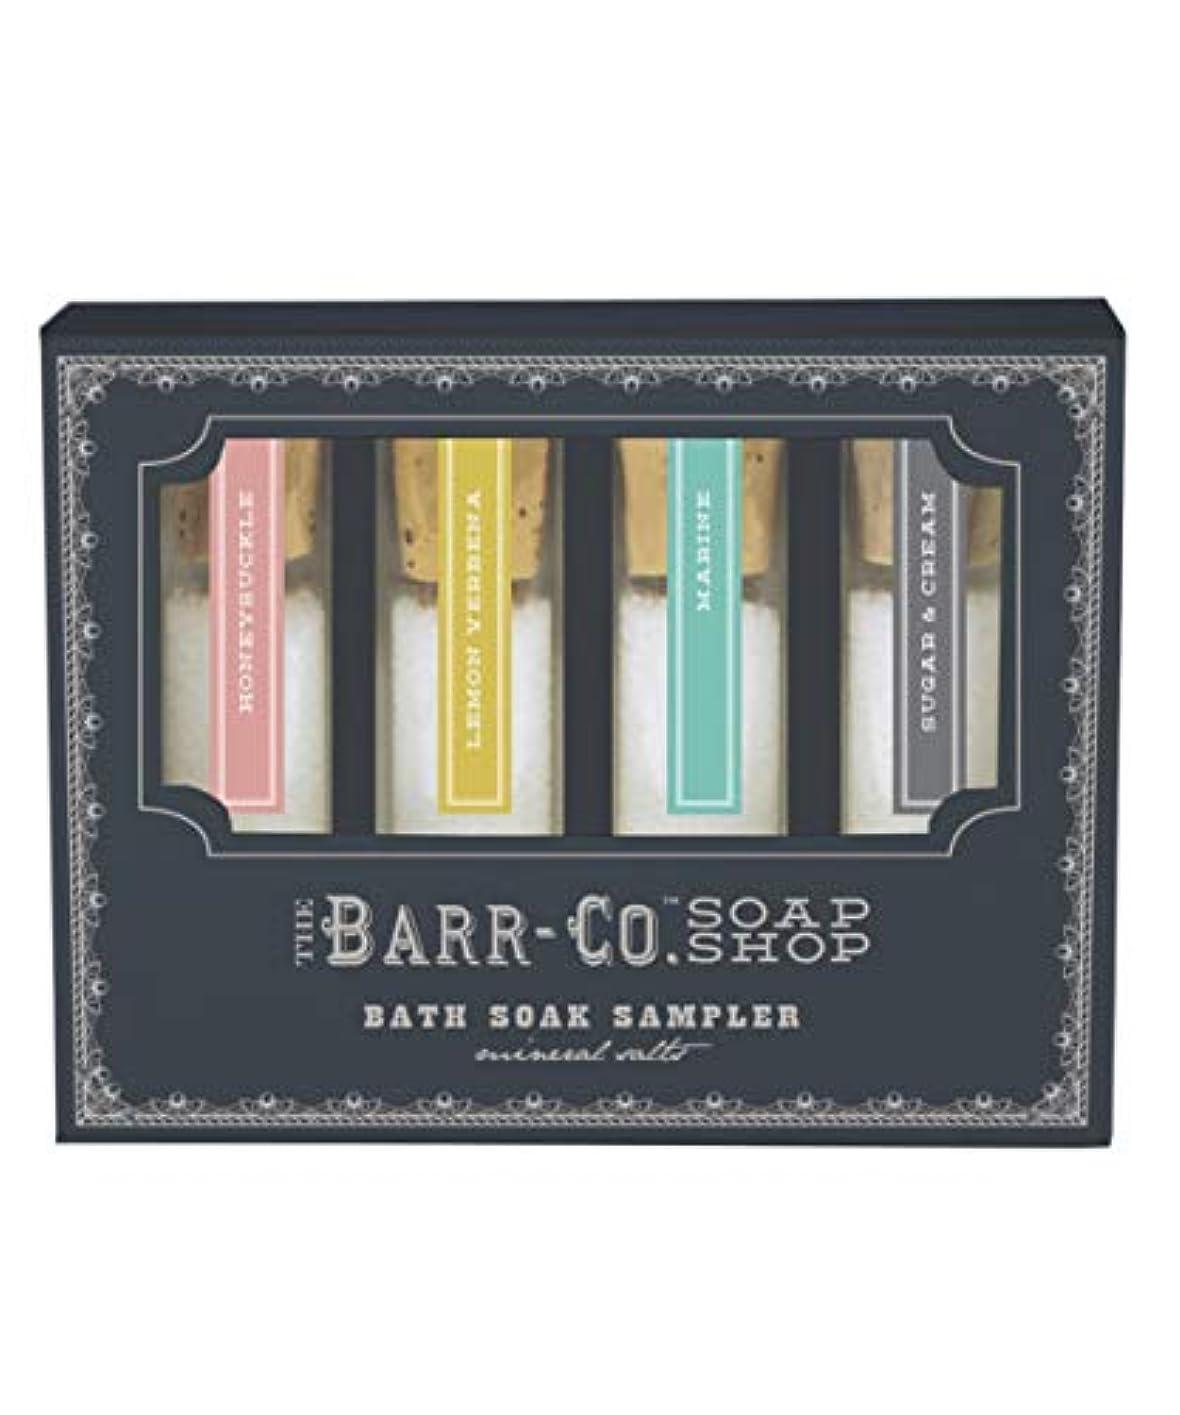 コールドキャベツ不良品バーコ(BARR-CO.) BARR-CO./バスソルトセット 入浴剤 30g×4